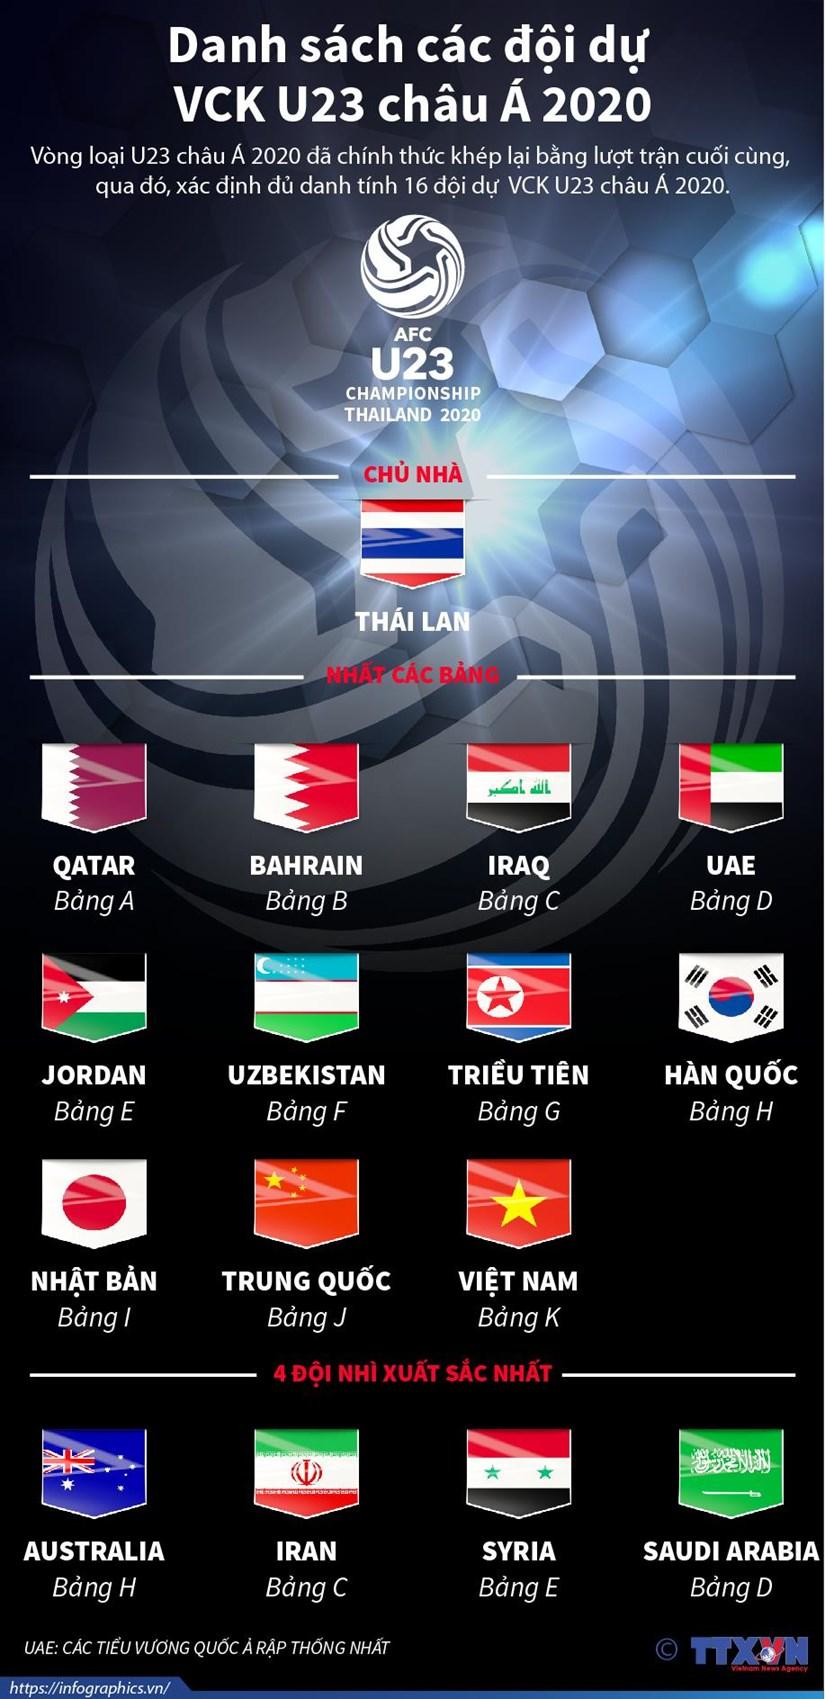 [Infographics] Danh sach cac doi du Vong chung ket U23 chau A 2020 hinh anh 1